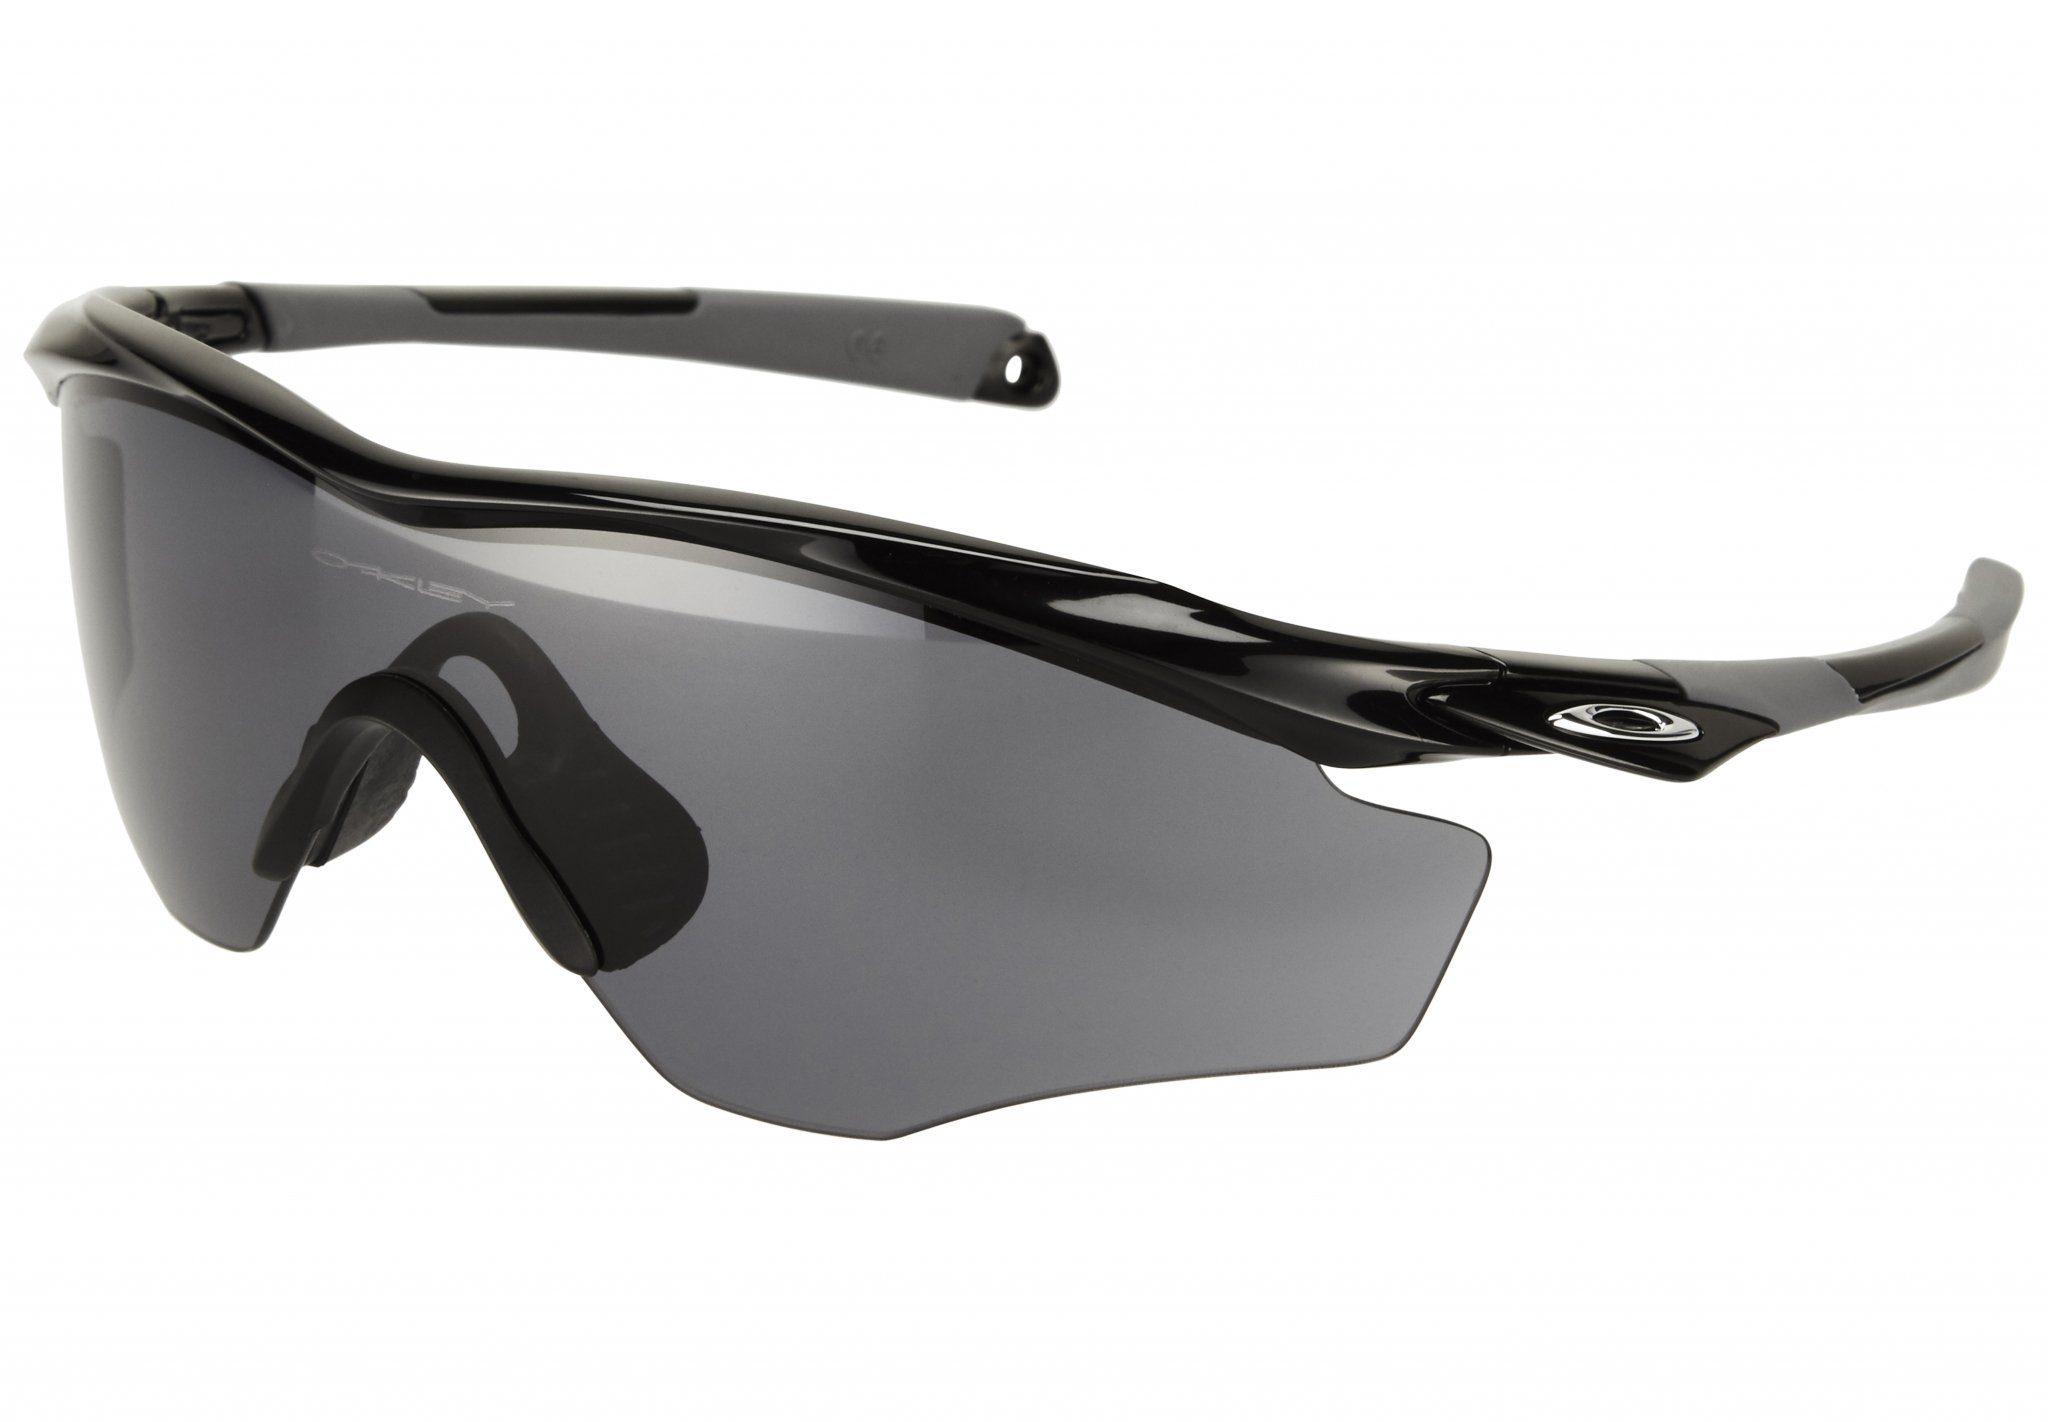 Oakley Sportbrille »M2 Frame XL«, schwarz, schwarz